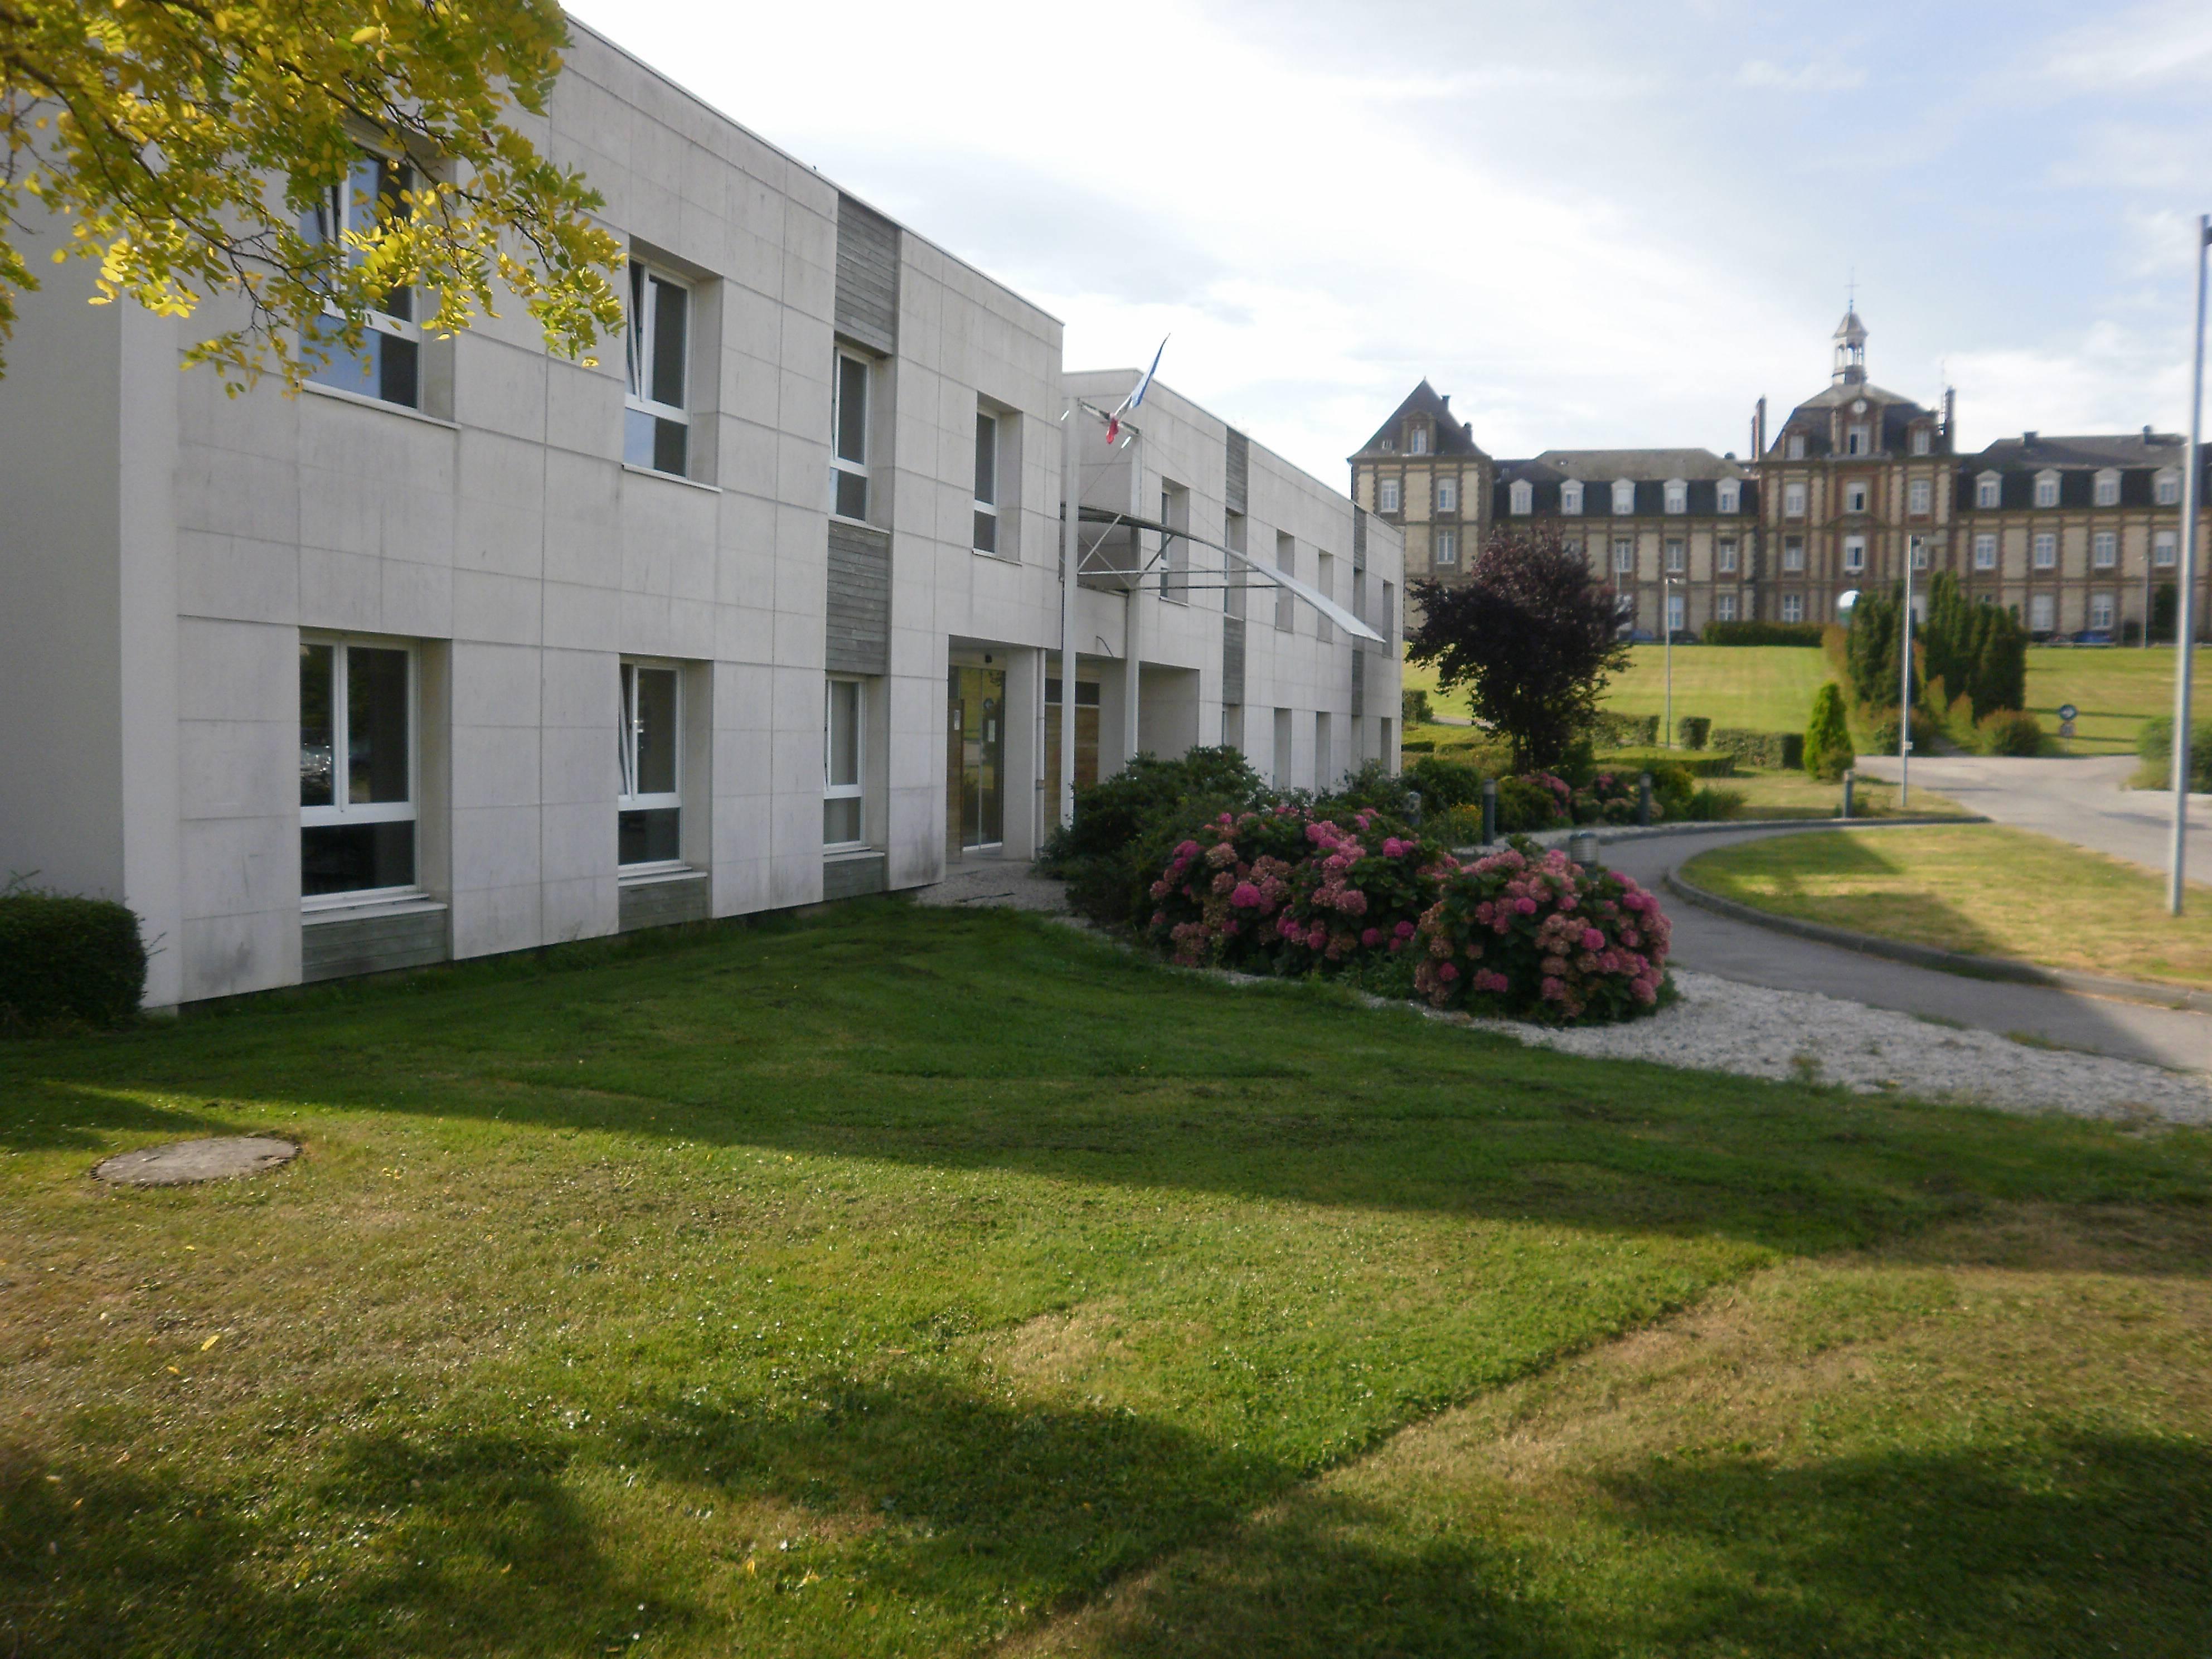 Centre Hospitalier de la Risle (Pont-Audemer)